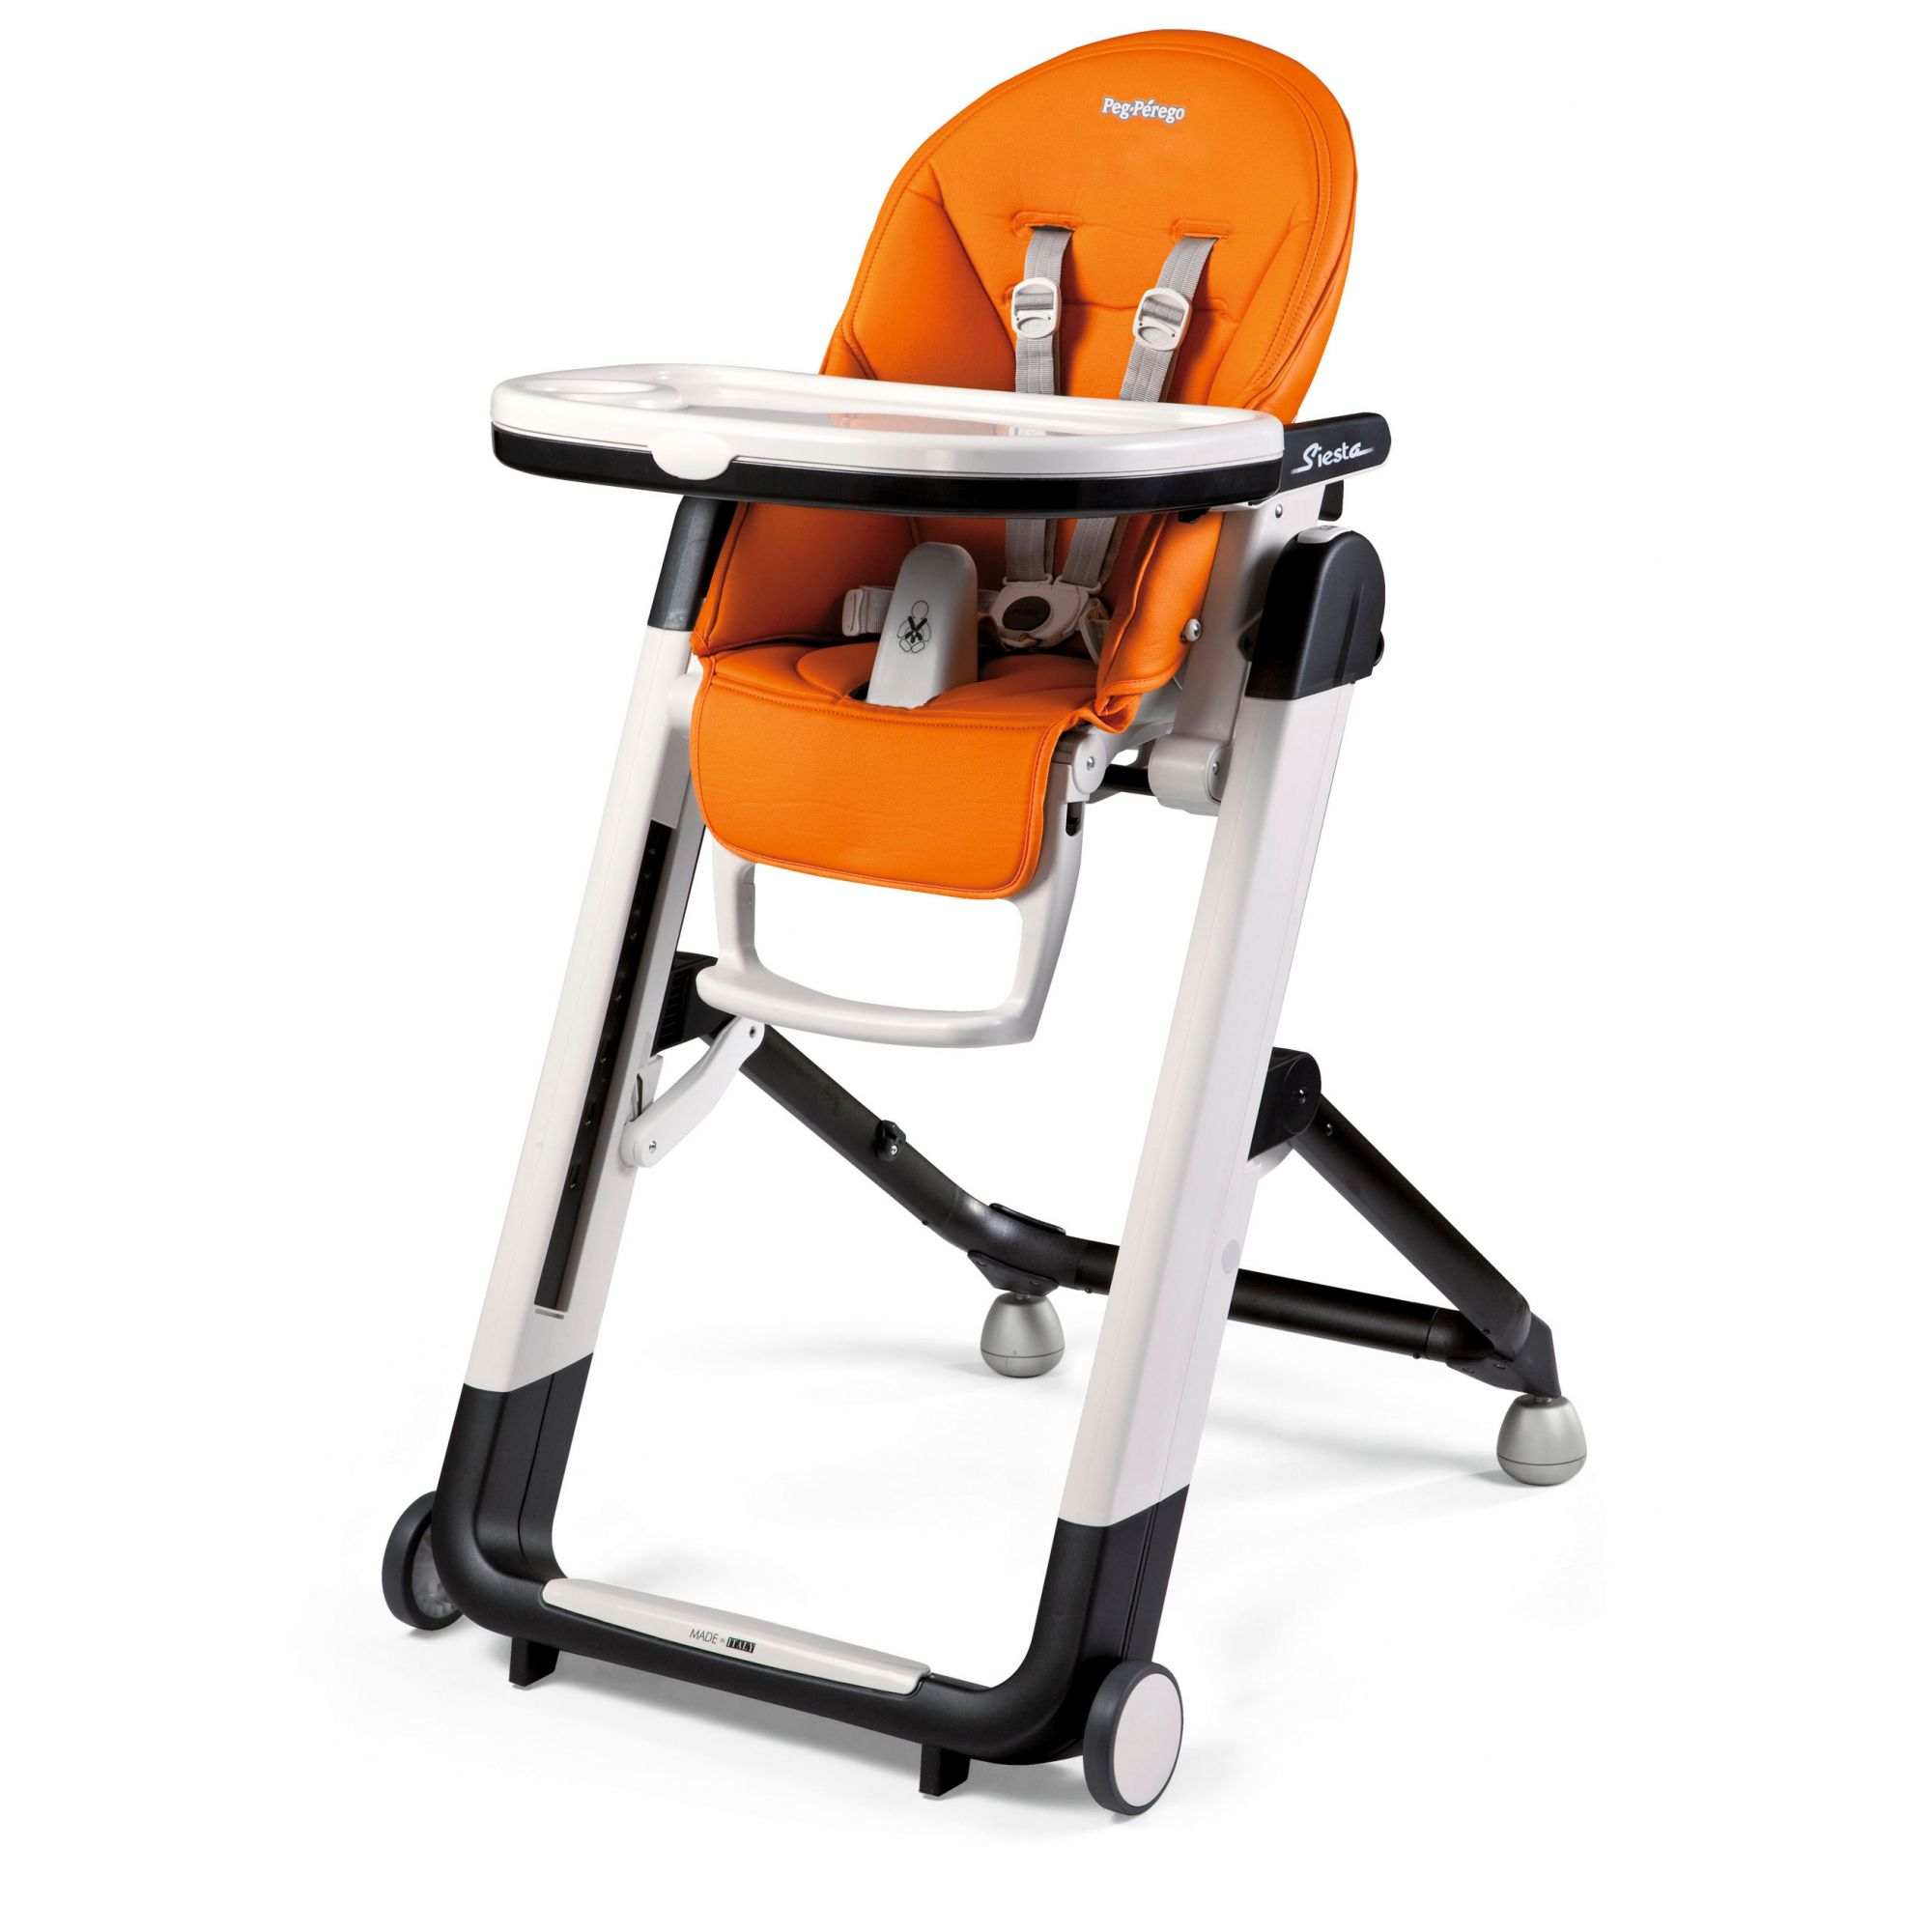 Cadeira Refeição Siesta Aracia - Peg Perego  Ref Imsiesbr03bl38